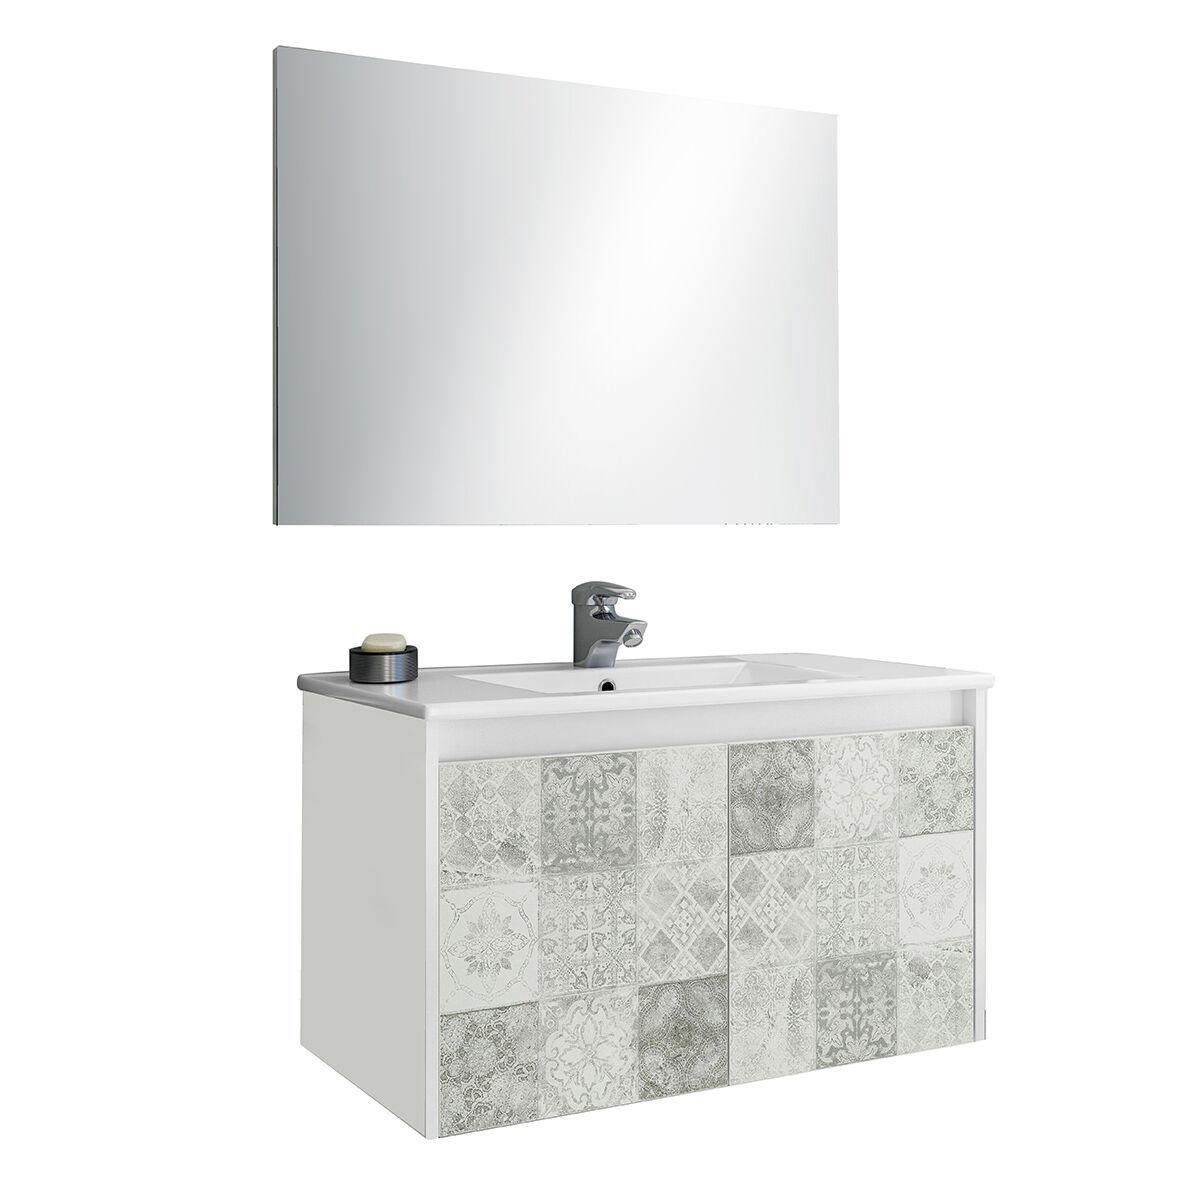 CeramicStore Mobile bagno sospeso in materiale melaminico completo di base sospesa con due ante, lavabo in ceramica e specchio. Colore bianco lucido e riproduzione cementine.